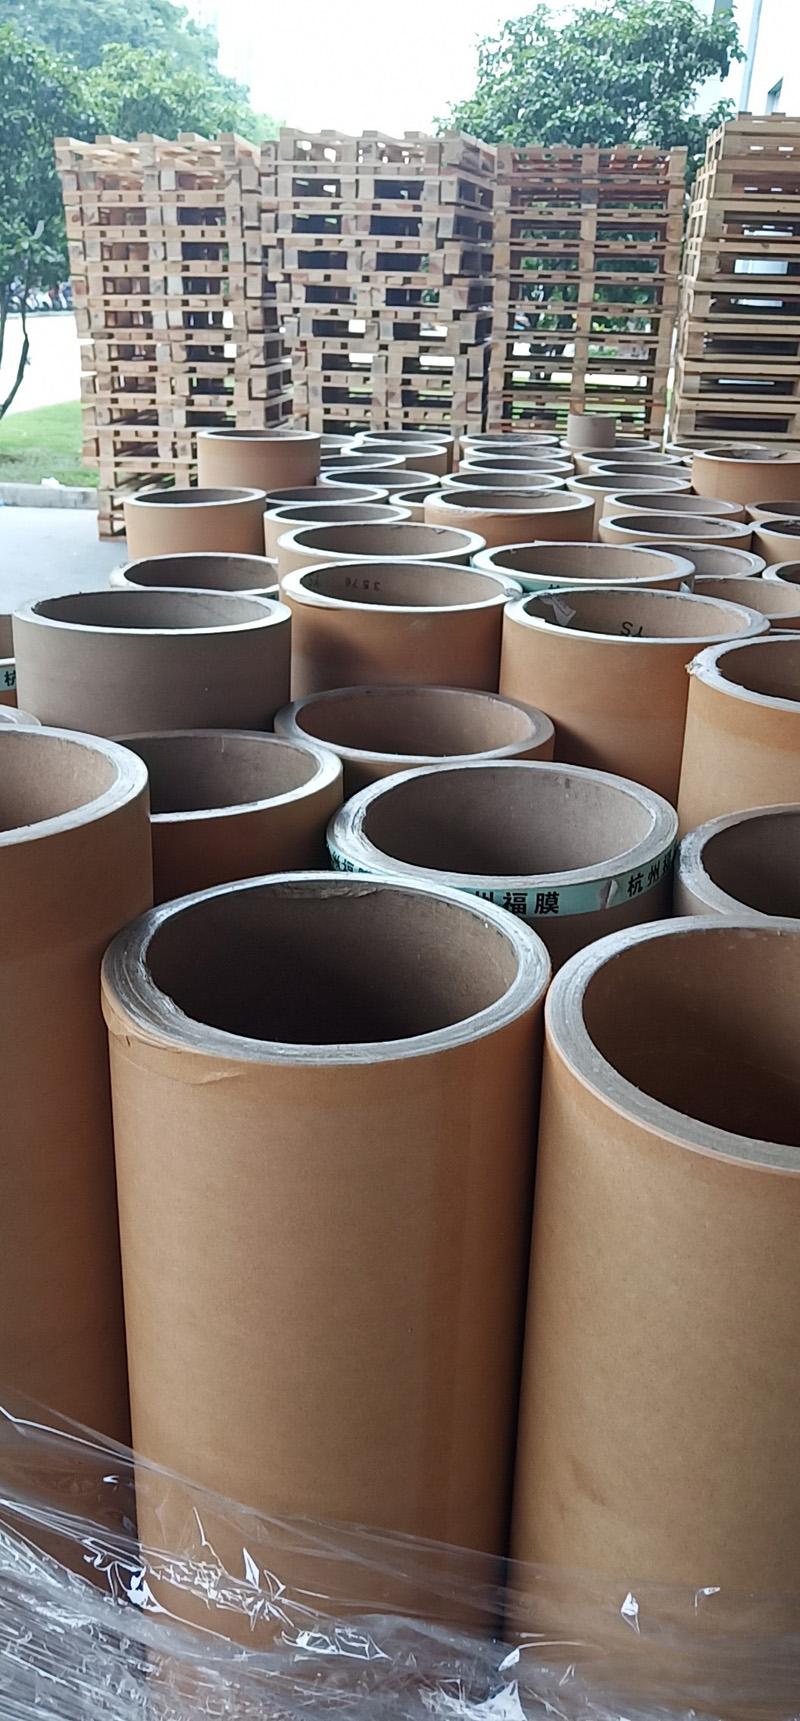 专业回收六寸纸管